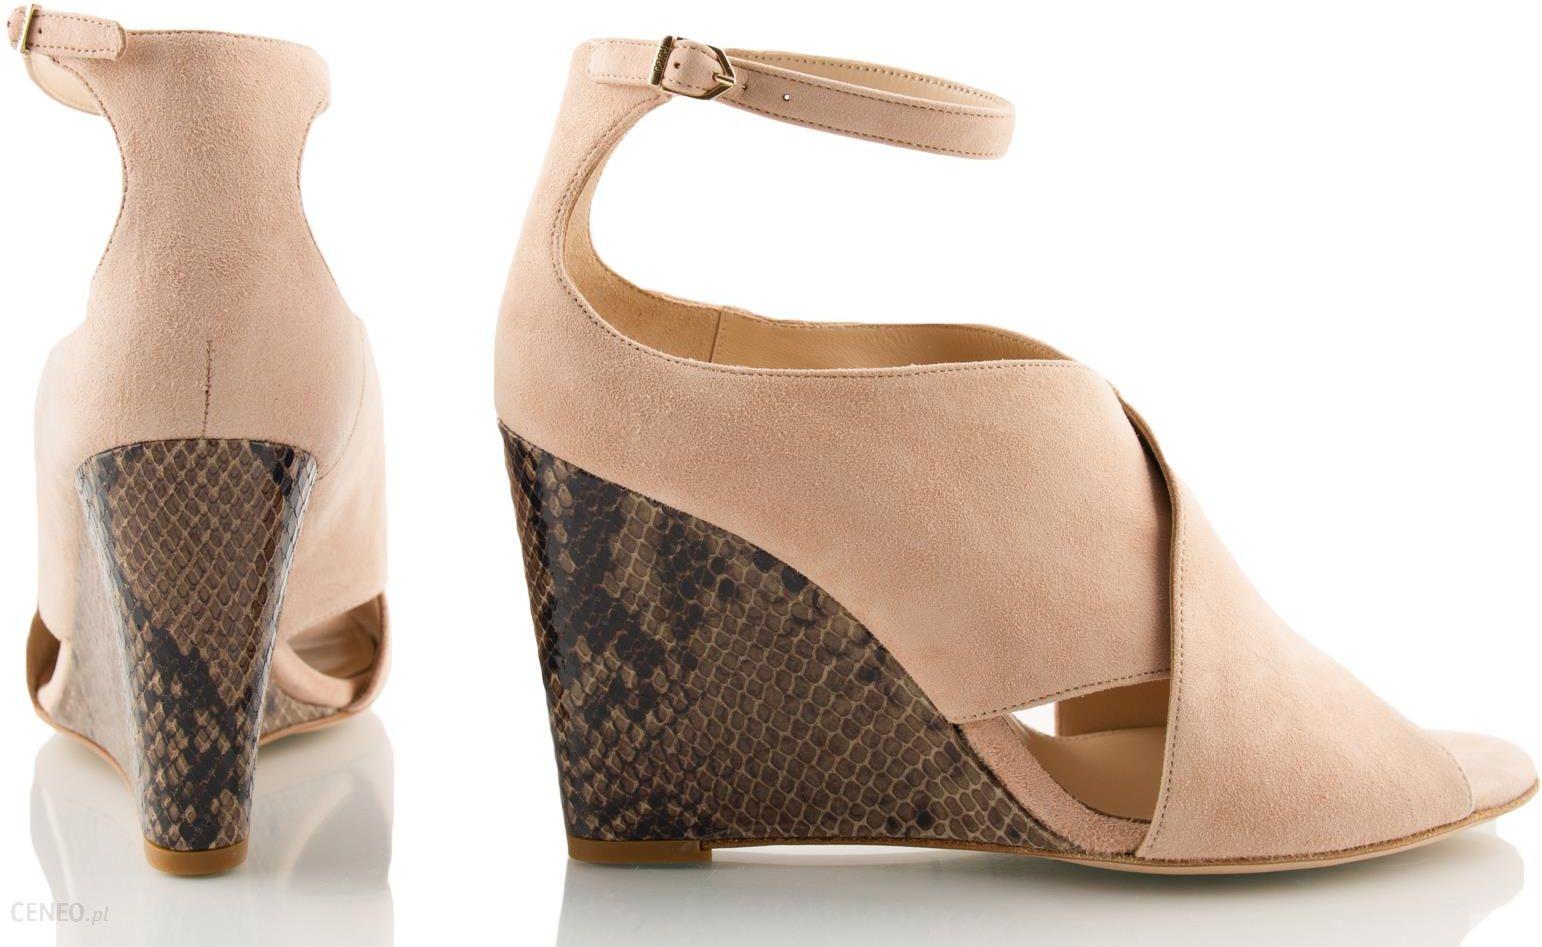 b97607a1 HUGO BOSS oryginalne buty damskie na koturnie r 39 - Ceny i opinie ...